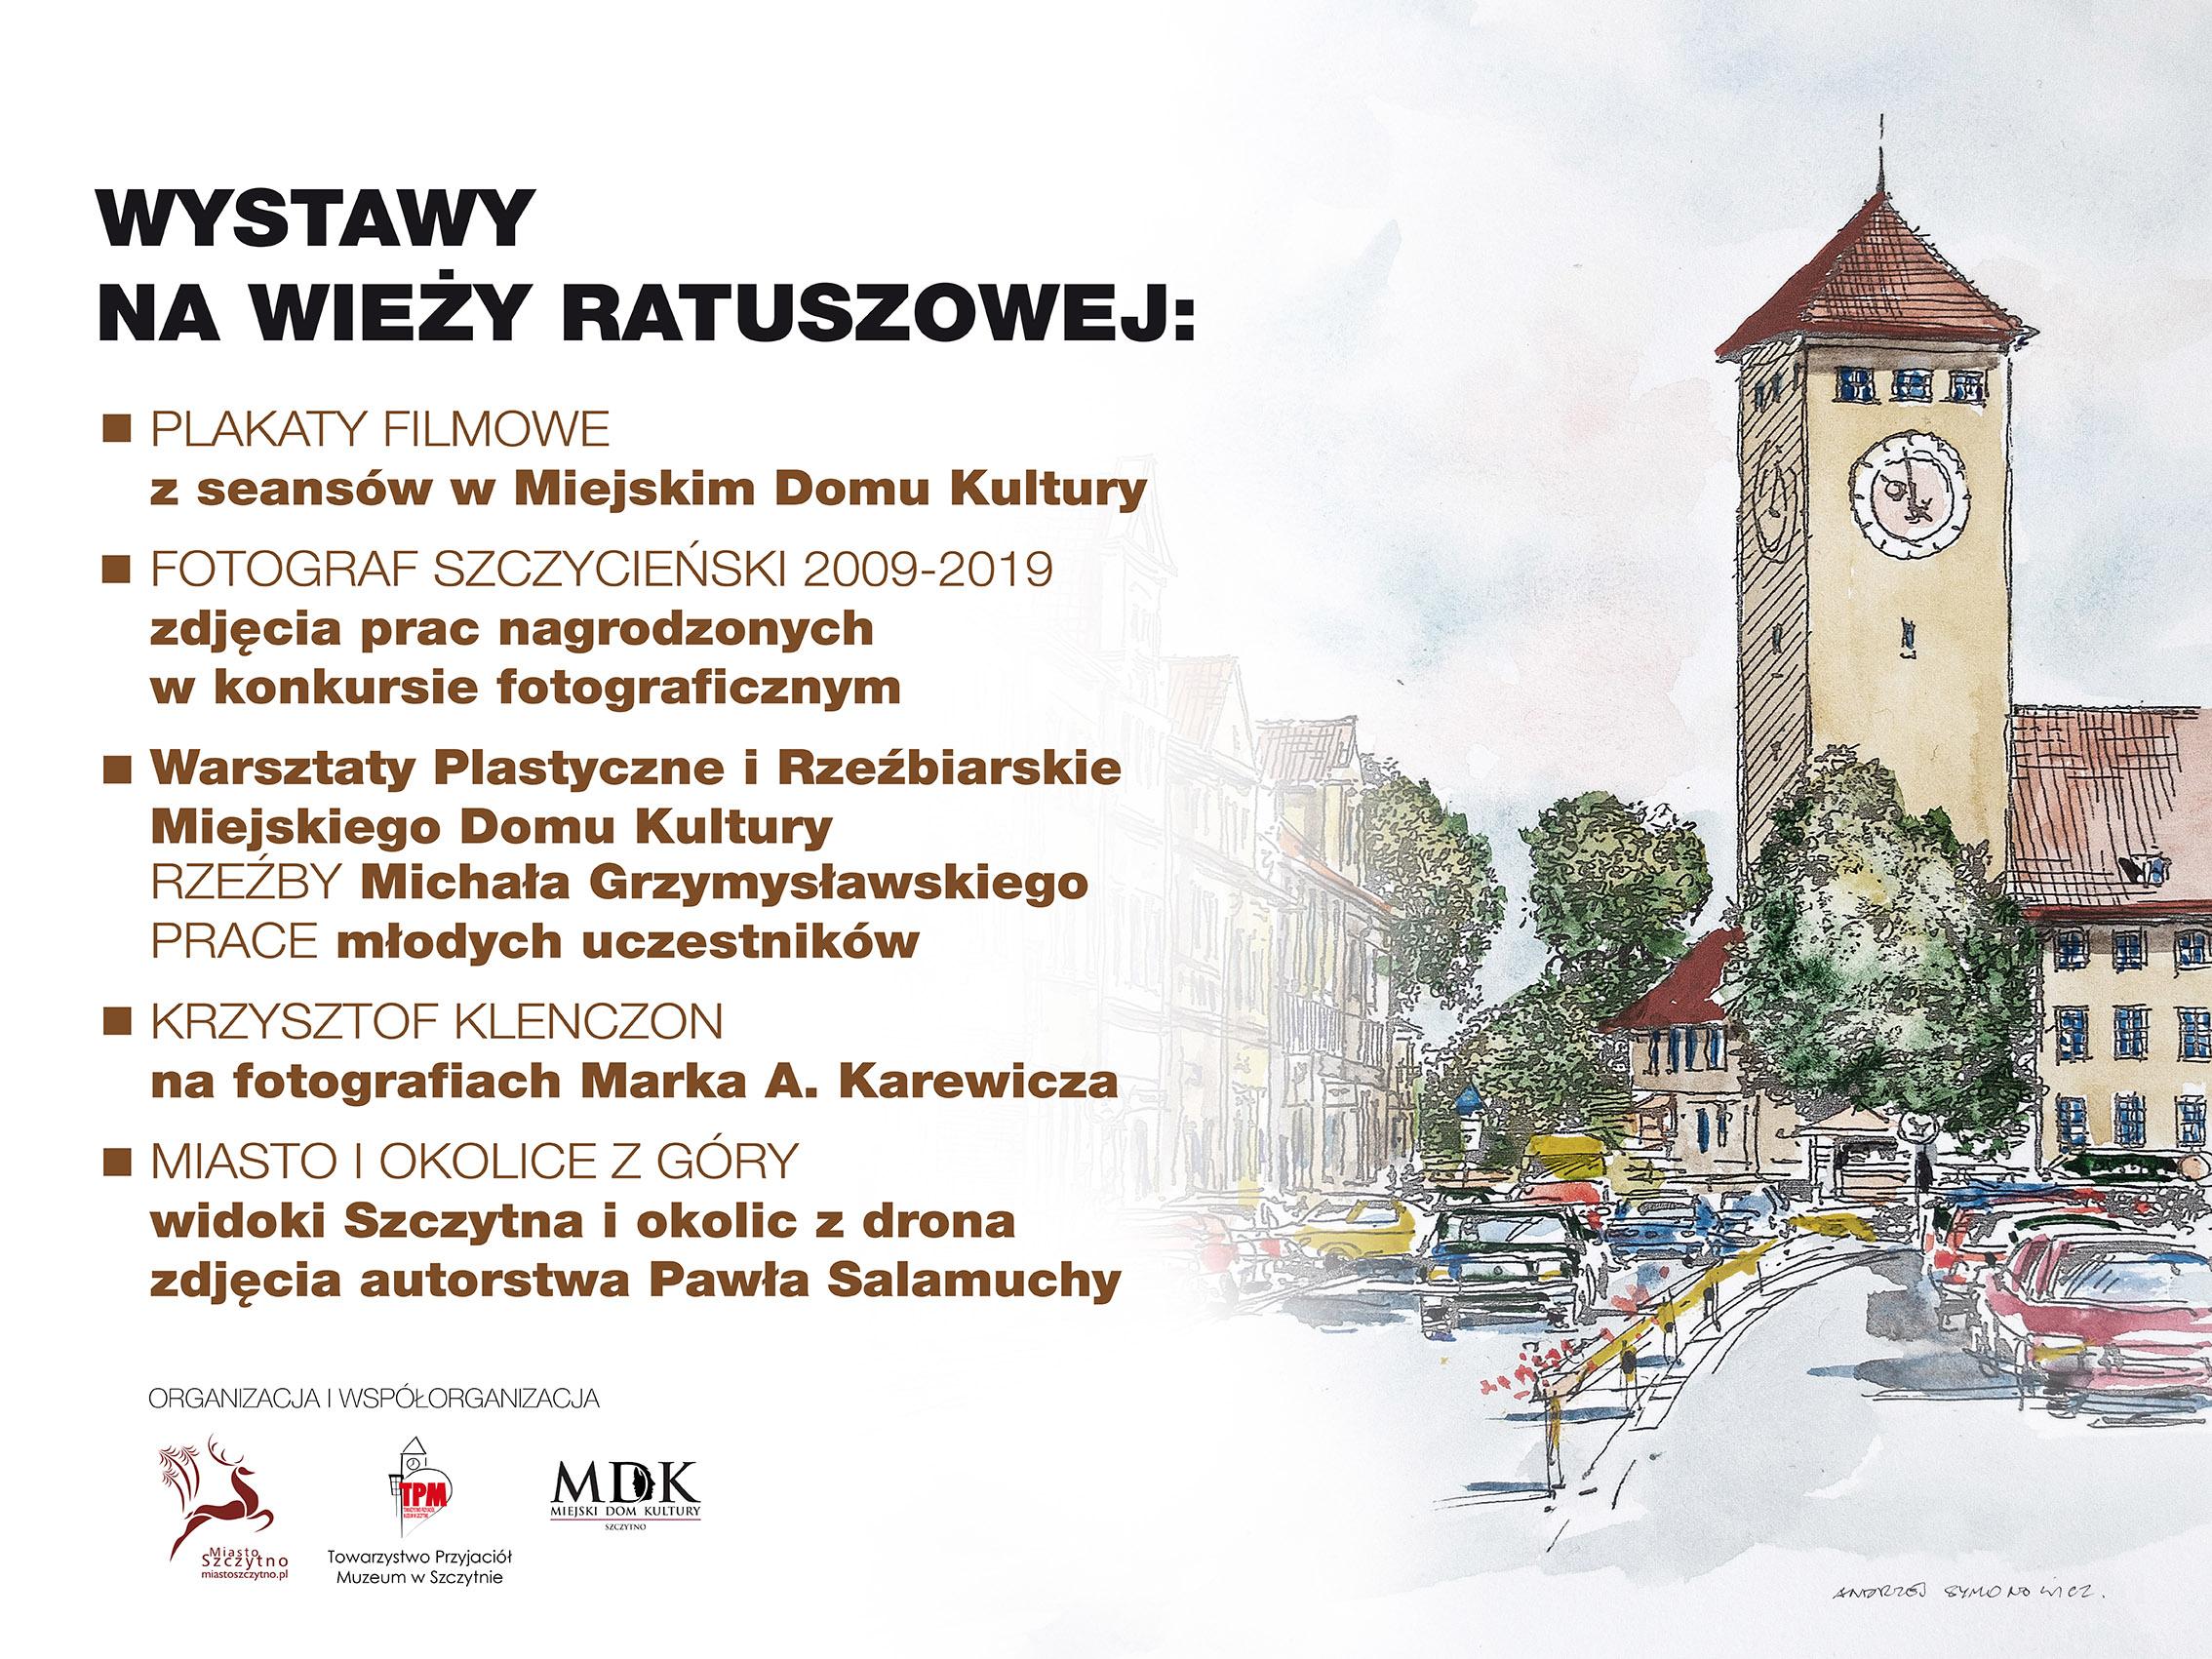 https://m.powiatszczycienski.pl/2020/06/orig/plansza-wystawy-na-wiezy-2020-32777.jpg